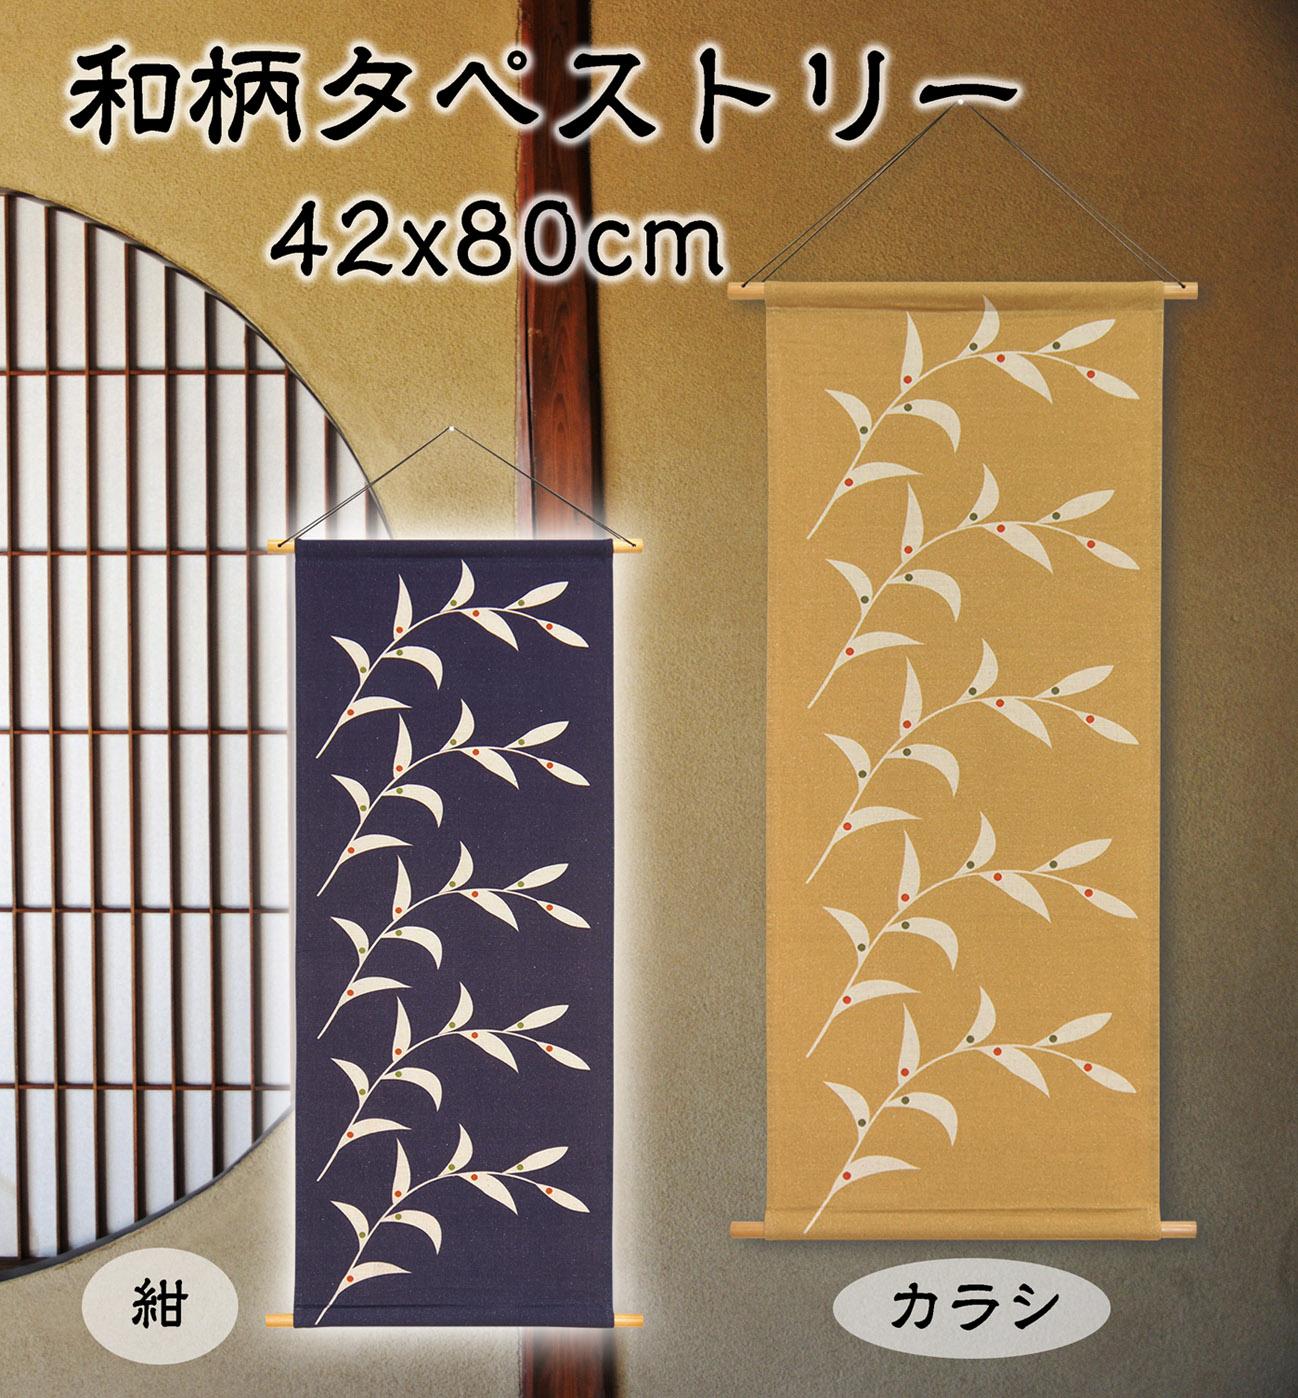 【在庫限り】和柄タペストリー 42x80cm【日本製】